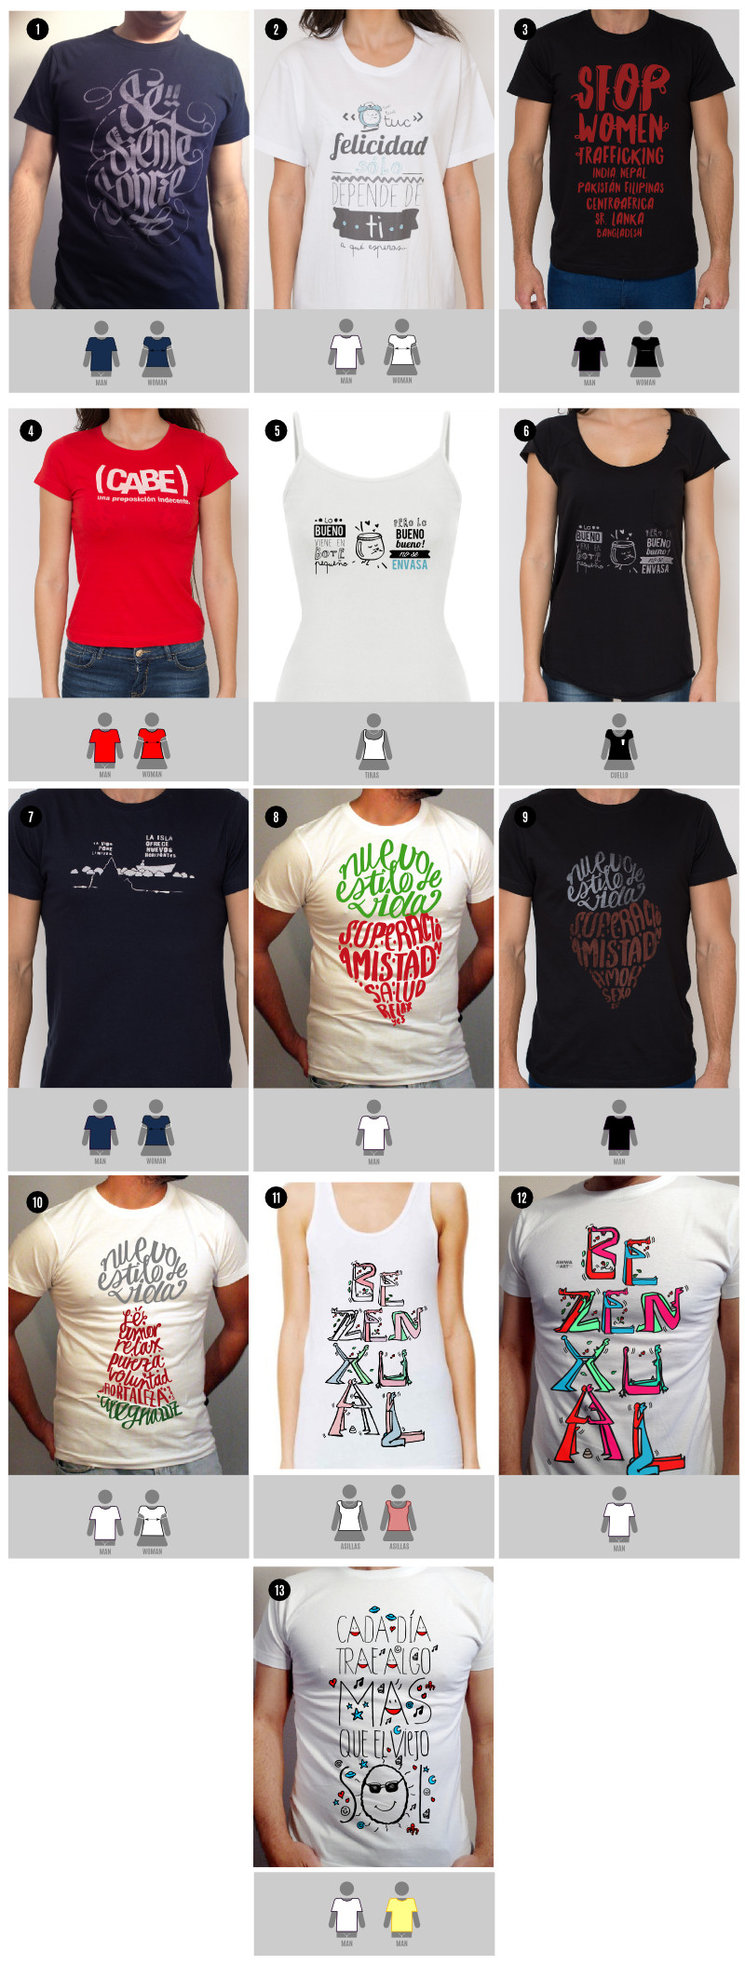 Tallado de camisetas Awwa art según modelos